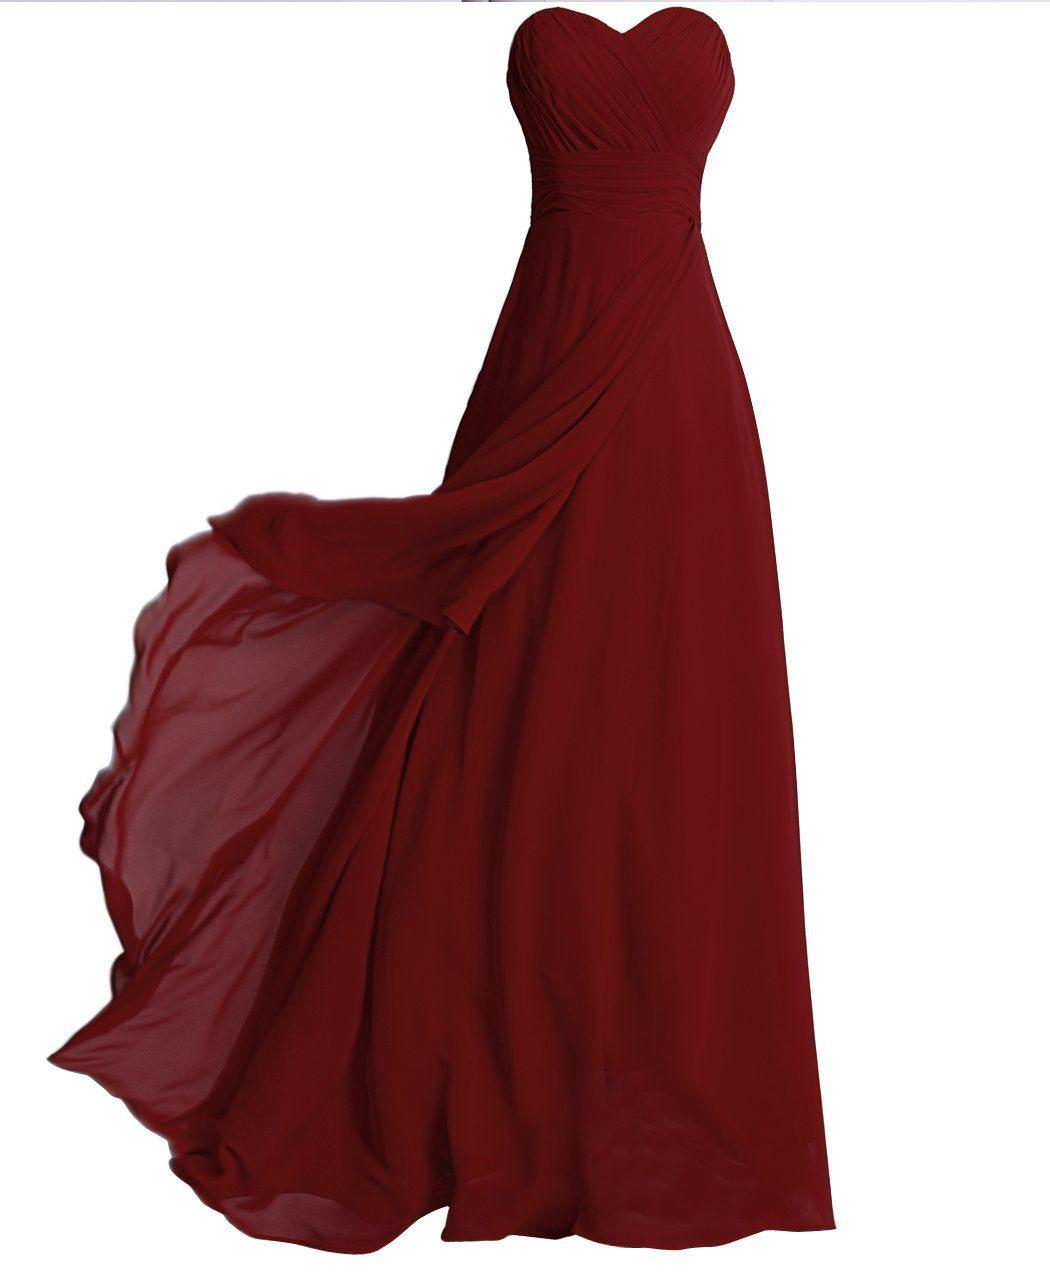 Formal Erstaunlich Abendkleid In Rot Bester Preis20 Luxurius Abendkleid In Rot Stylish